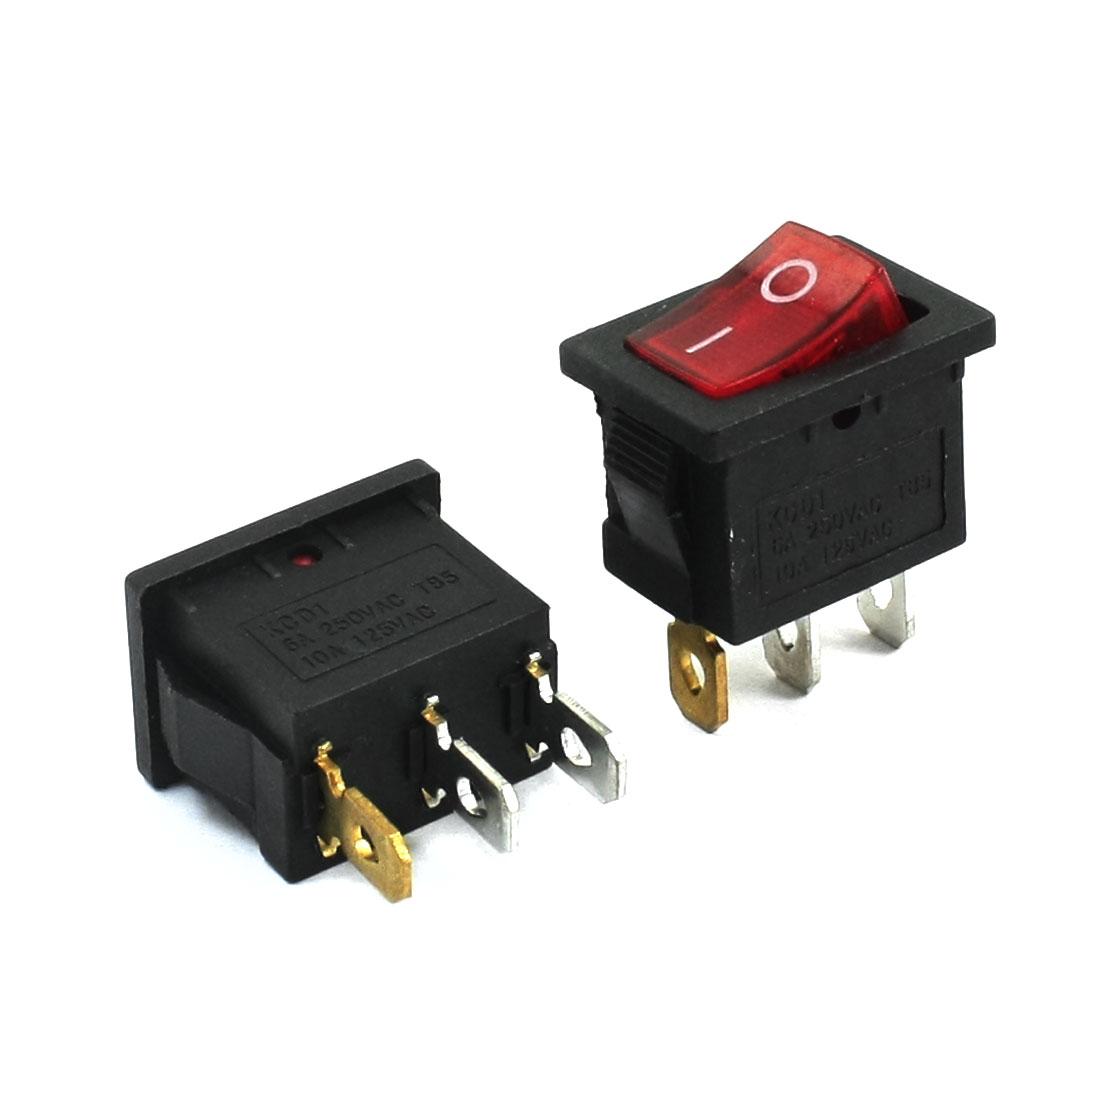 AC 250V 6A 125V/10A I/O 2 Position Red Light SPST Boat Rocker Switch 2 Pcs